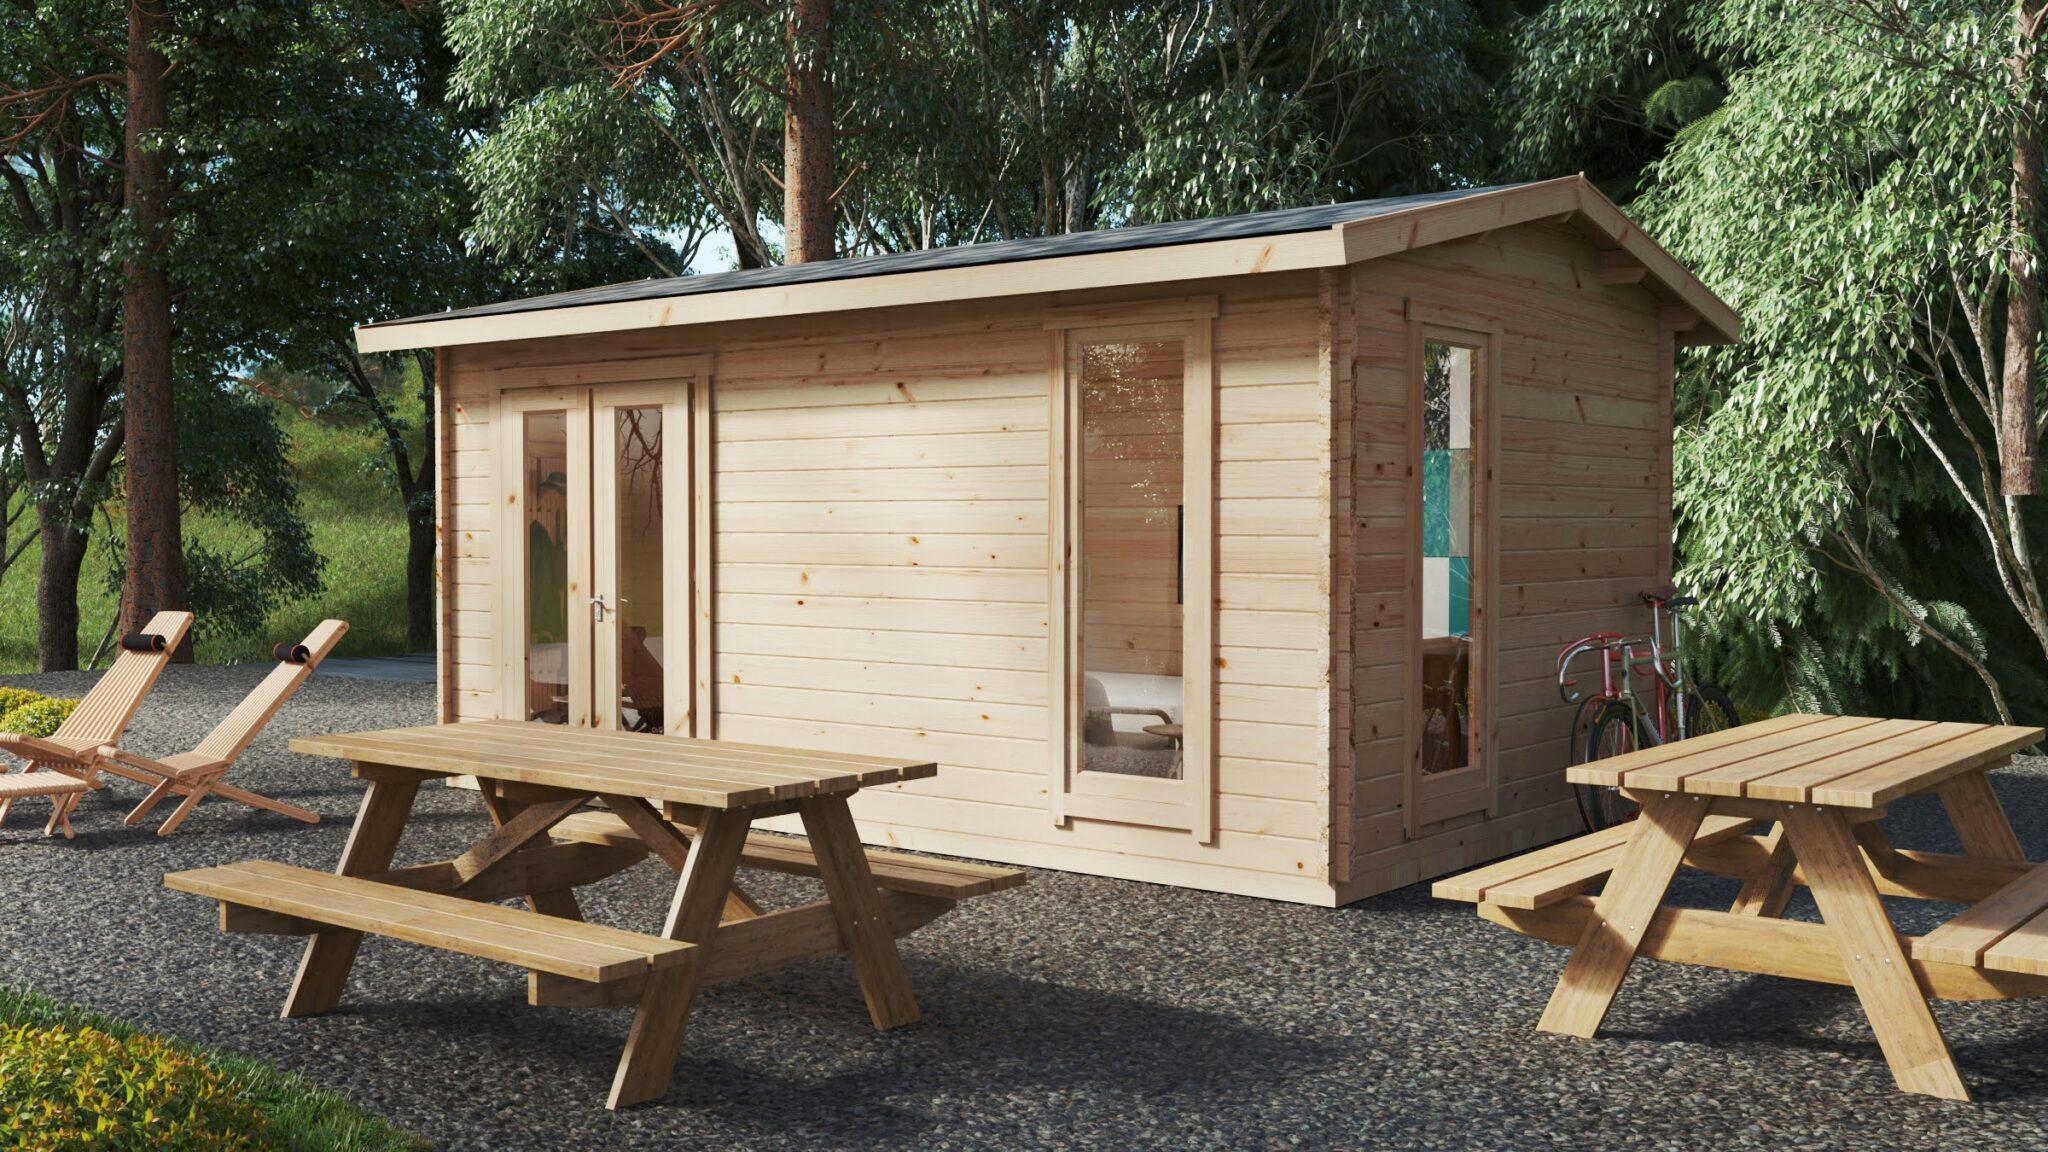 Cabaña de madera con cuarto de baño Mia 1 / 15m² / 5x3m ...